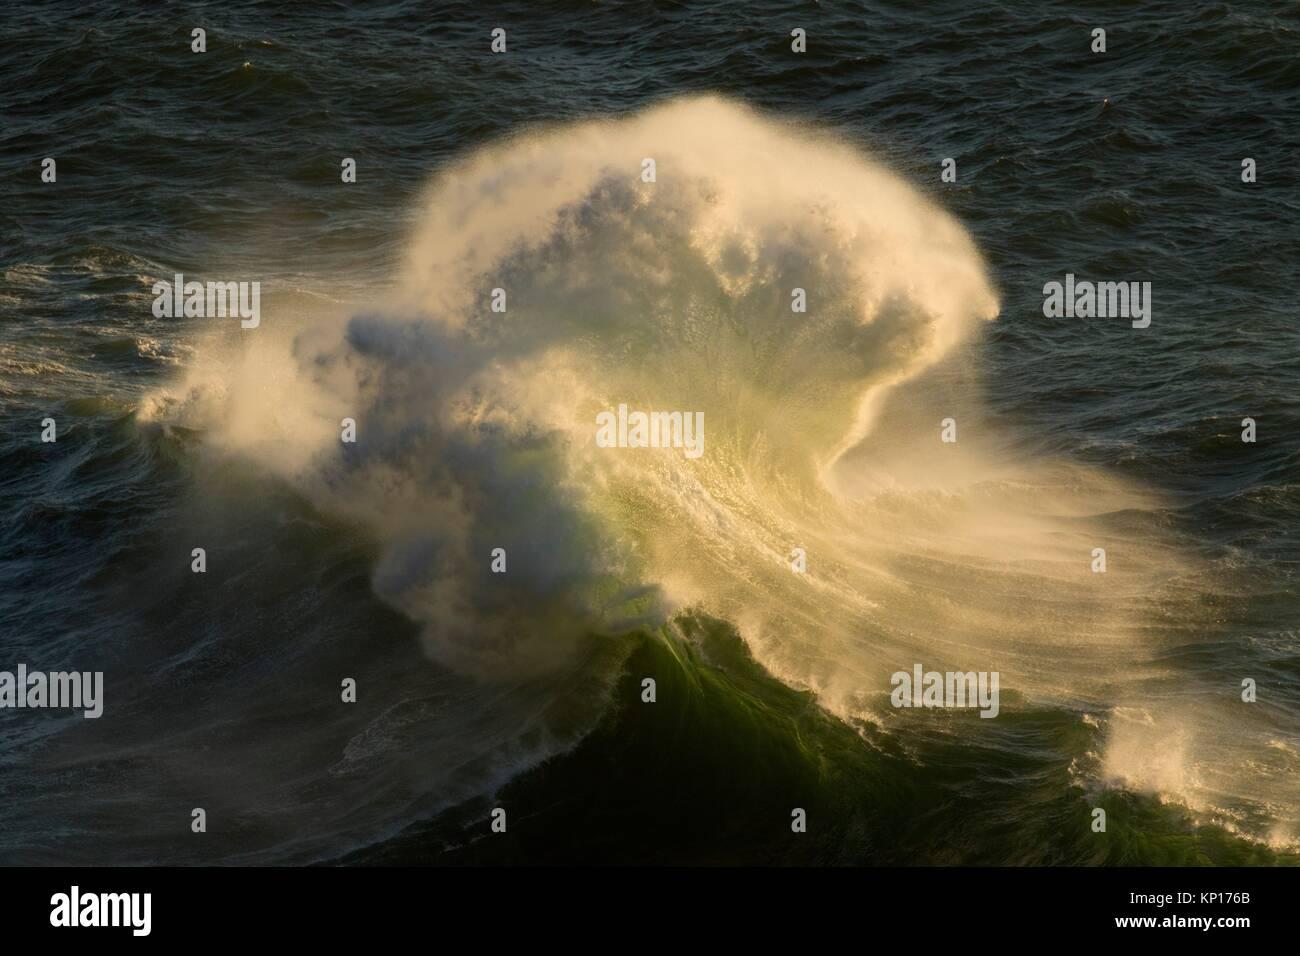 Vague de plage, parc d'État Heceta Head, de l'Oregon. Photo Stock